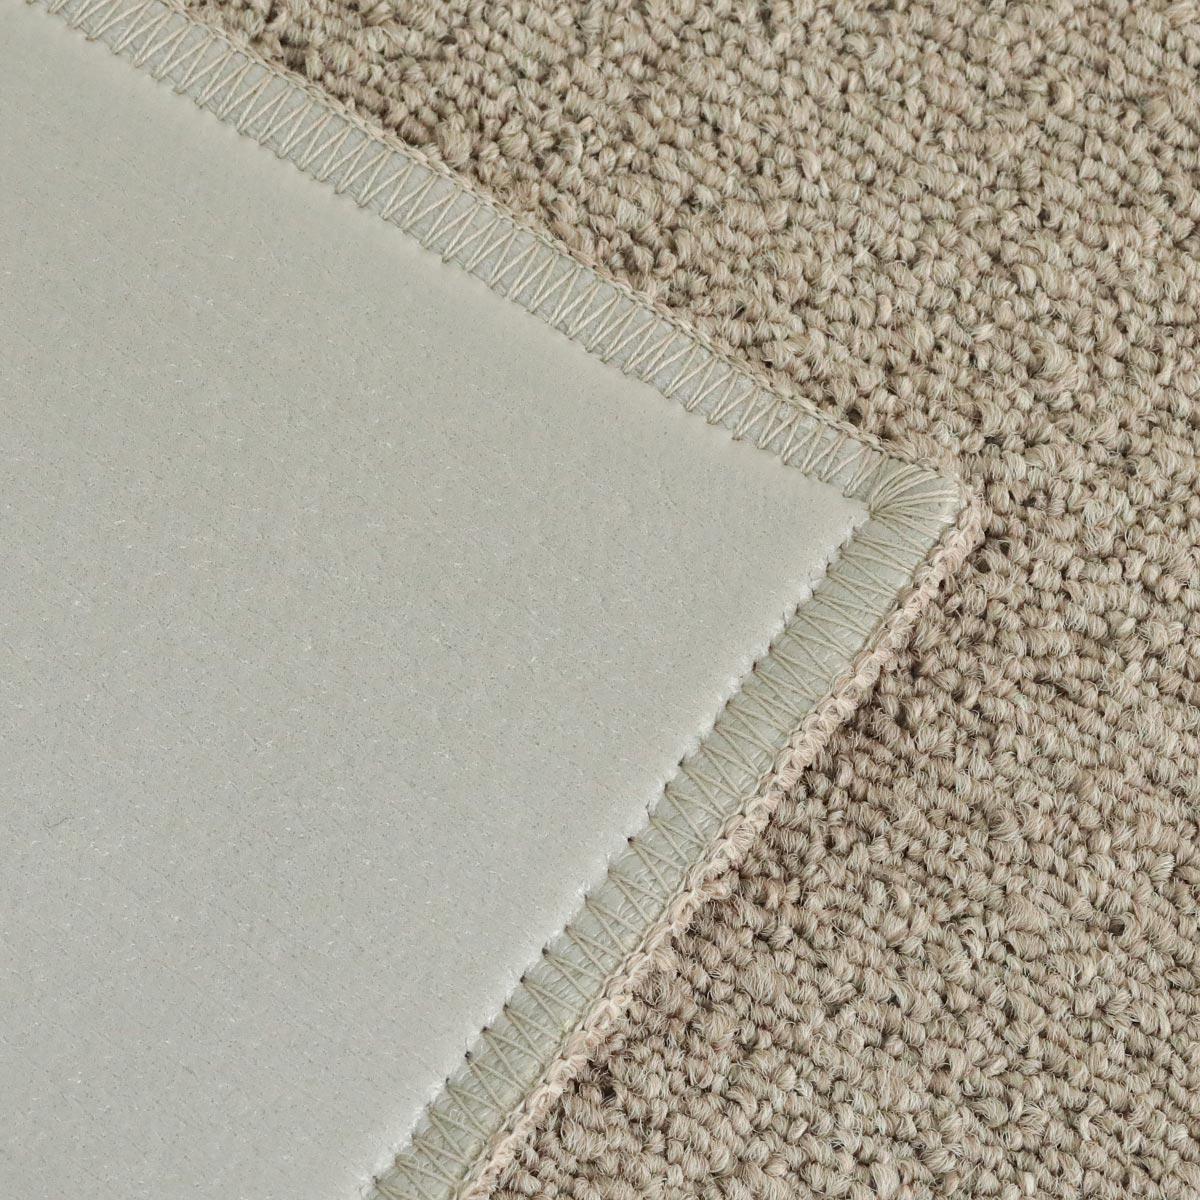 裏面はポリウレタン樹脂です。床暖房やホットカーペットでのご使用はお控えください。